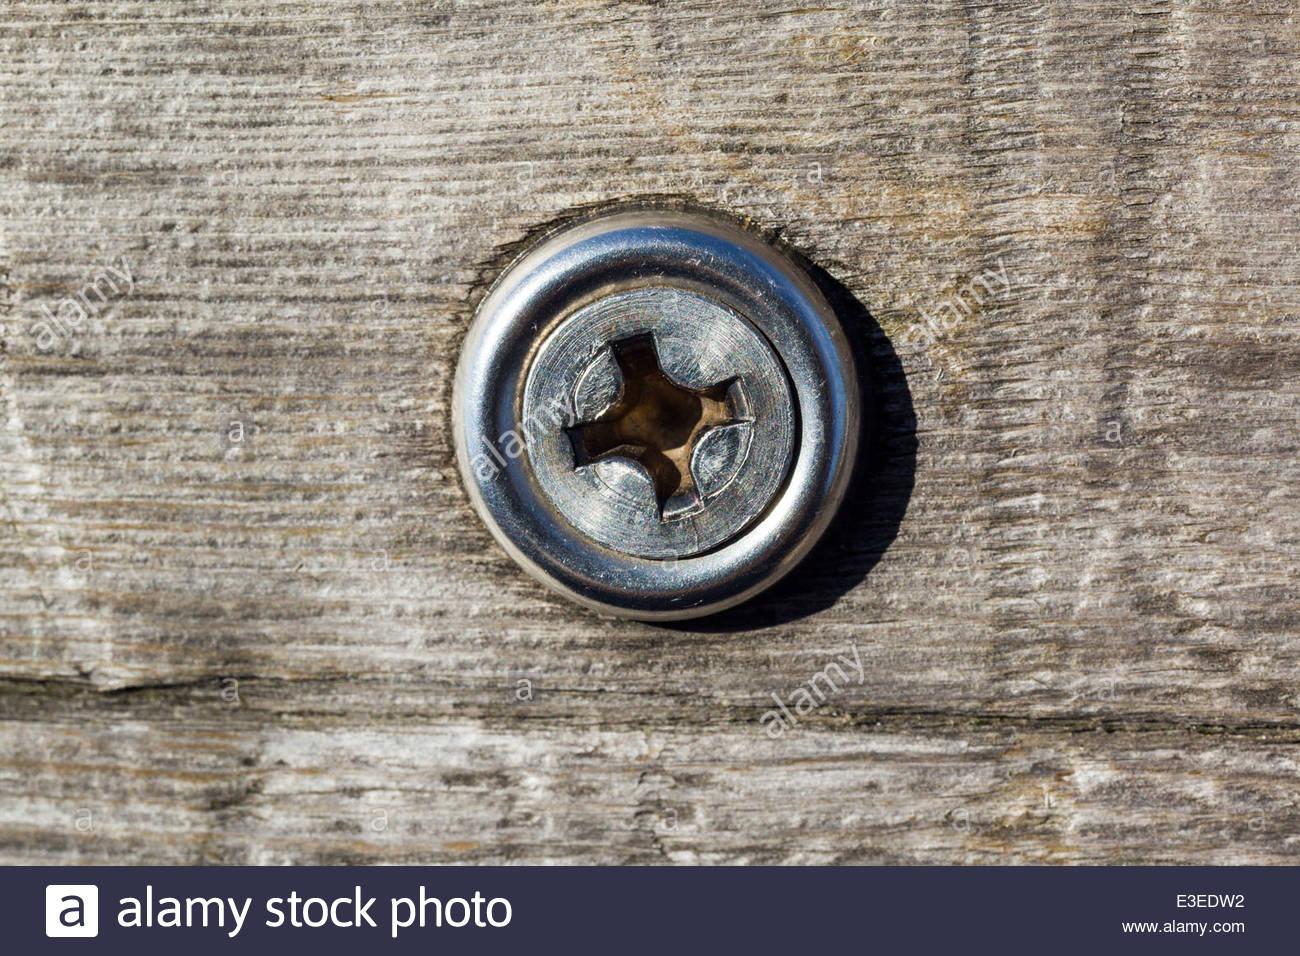 Schraube Kreuzschlitz ist die beliebteste Schraube in der Welt Stockbild